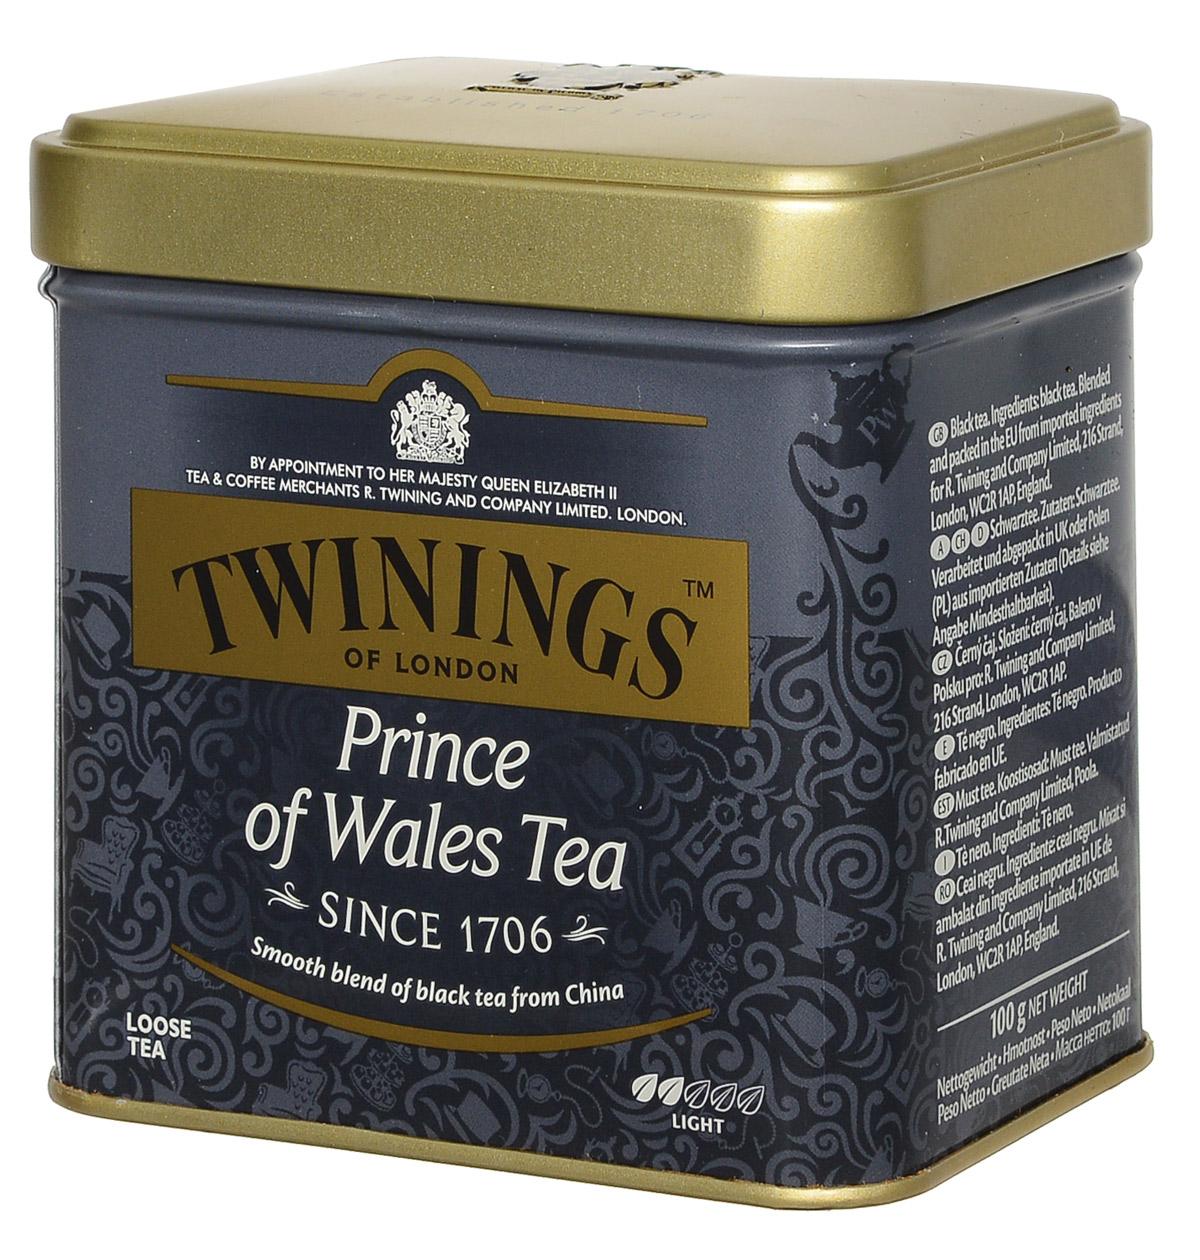 Twinings Prince Of Wales Tea черный листовой чай, 100 г (ж/б)070177029654Чай Twinings Prince Of Wales Tea был специально создан для Его Королевского Высочества Принца Уэльского в 1921 году. Это специальная смесь чая, тщательно отобранного из провинции Цзянси, Аньхой и Юньнань в Китае, где на большой высоте горные туманы защищают чайный куст от чрезмерного солнечного света, образуя идеальные условия для чайного листа и развития почек. Чай из этих провинций создает ароматную смесь, красно-коричневого цвета и имеет легкий, мягкий вкус и слегка древесный оттенок. Идеально подходит для прохладного осеннего дня или холодного зимнего вечера. Этот мягкий чай наполнит вас чувством обновления.Всё о чае: сорта, факты, советы по выбору и употреблению. Статья OZON Гид